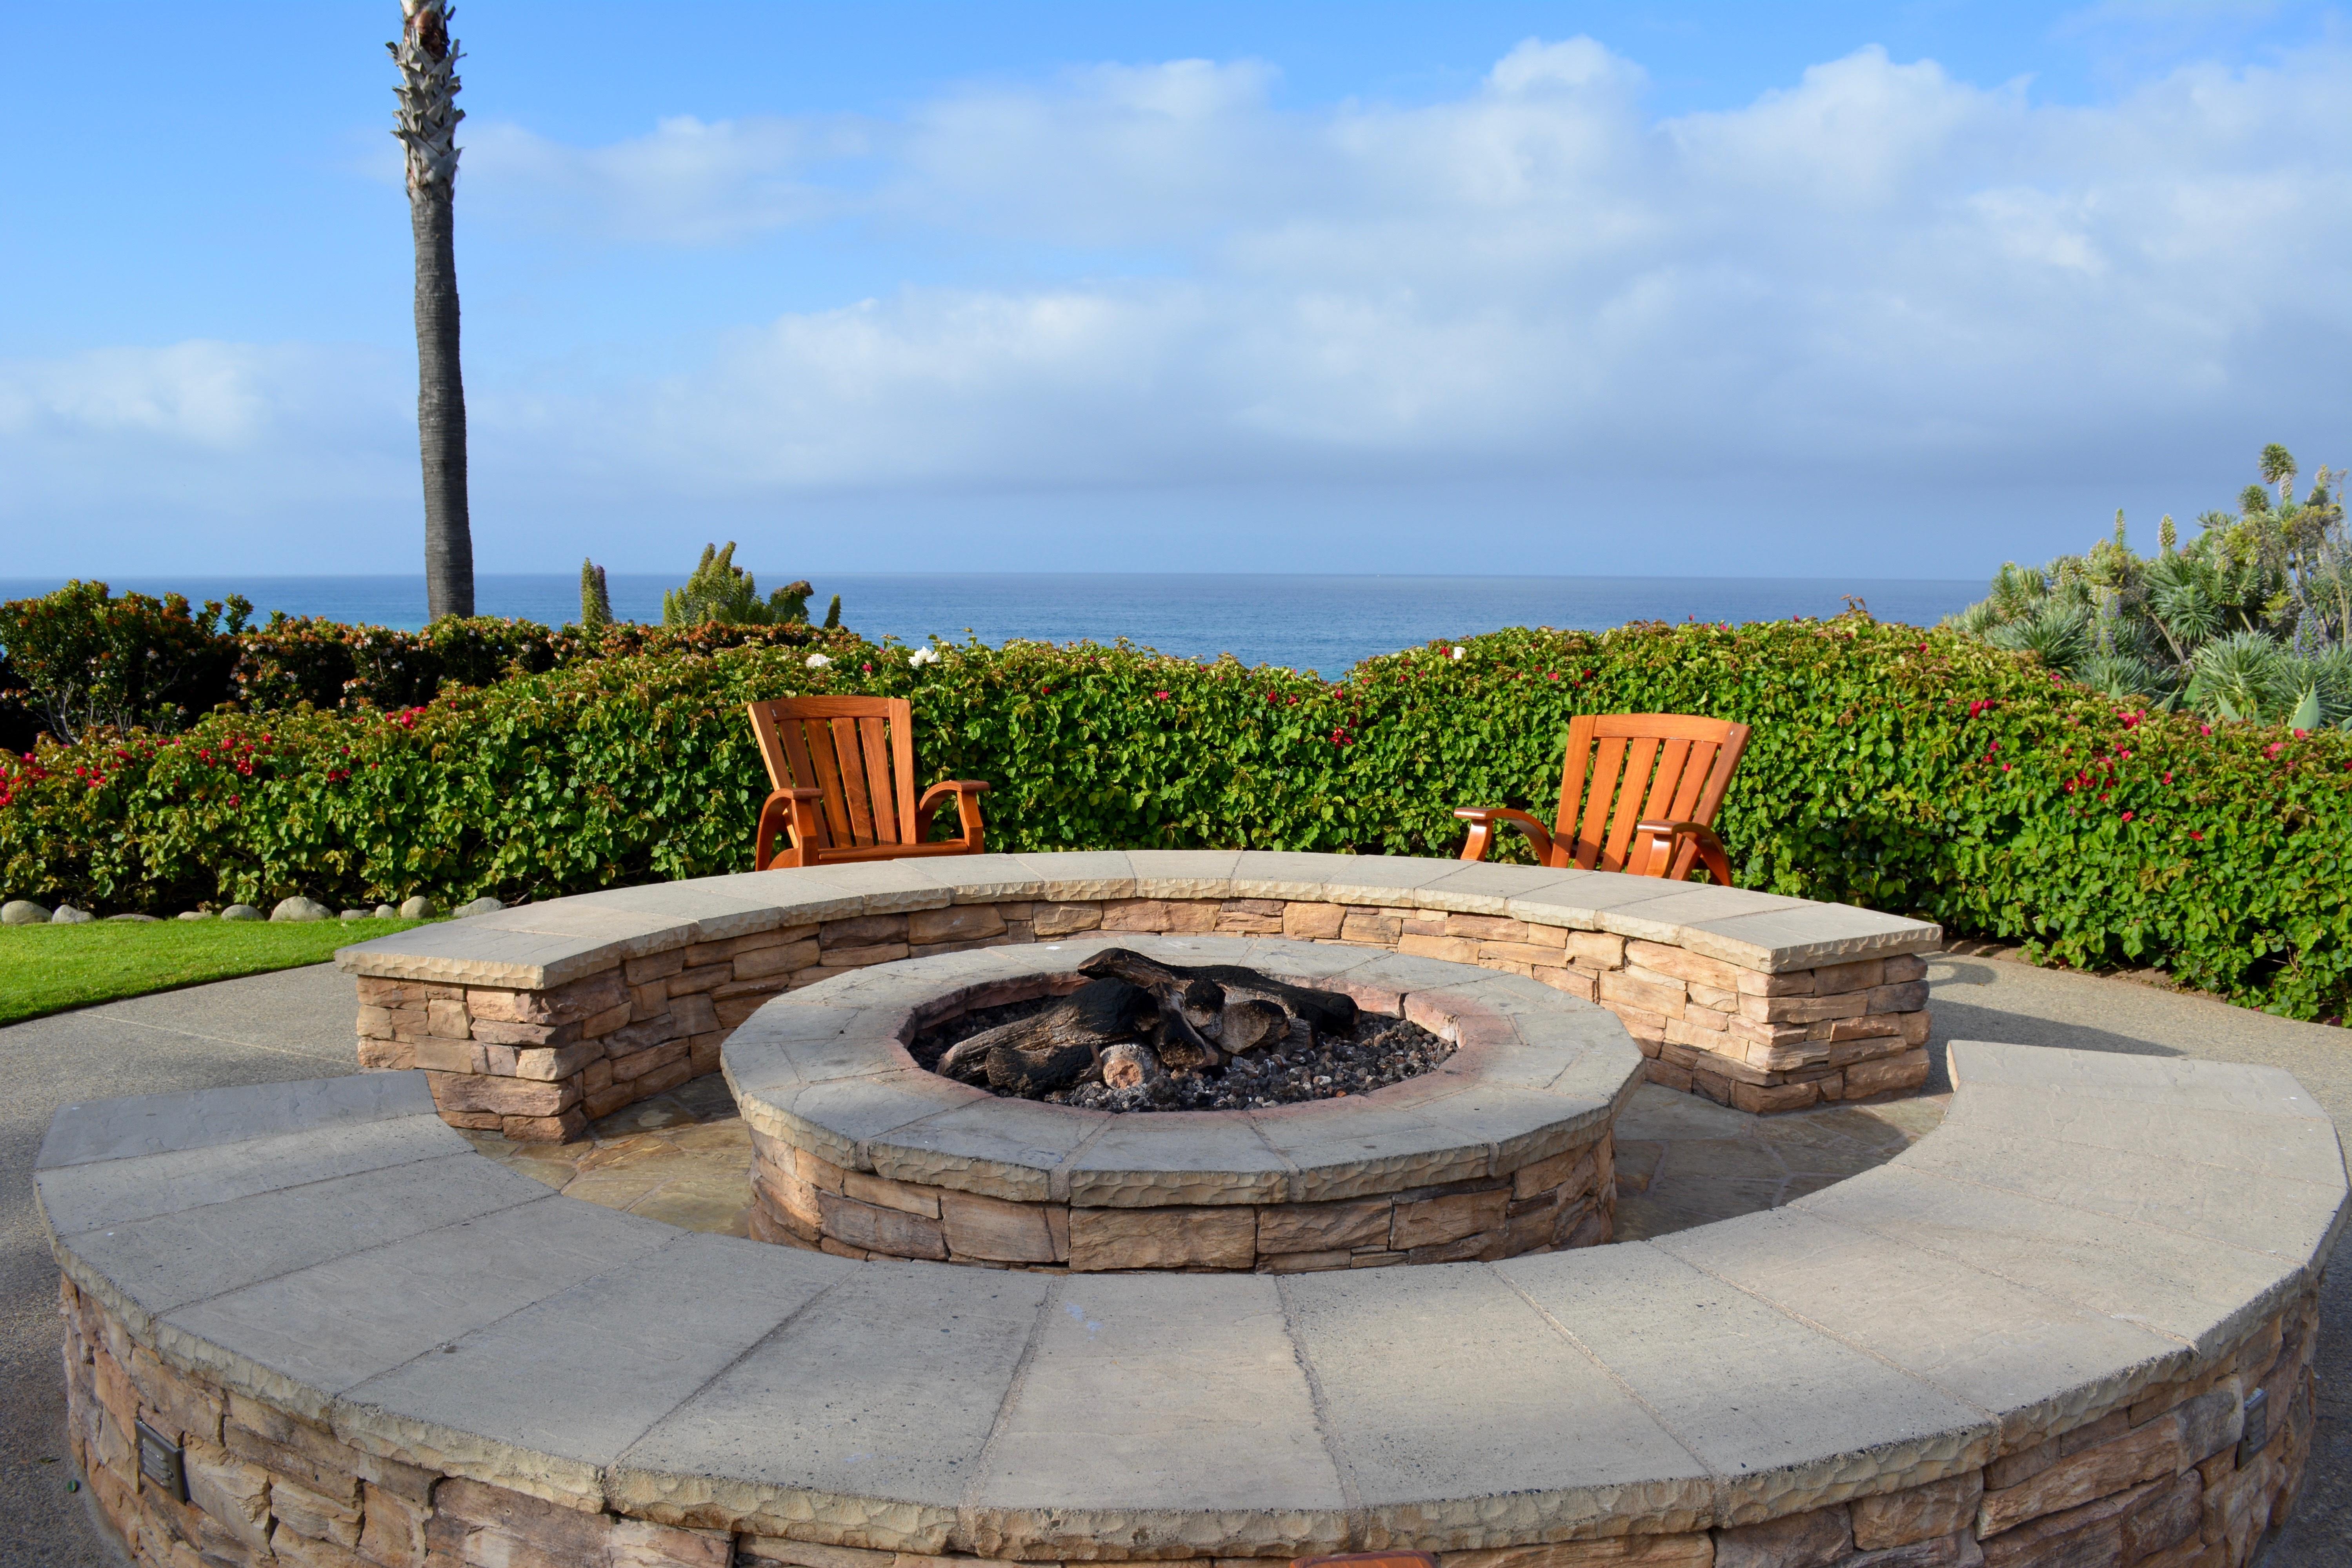 kostenlose foto : pool, hinterhof, einsam, feuerstelle, Gartengerate ideen